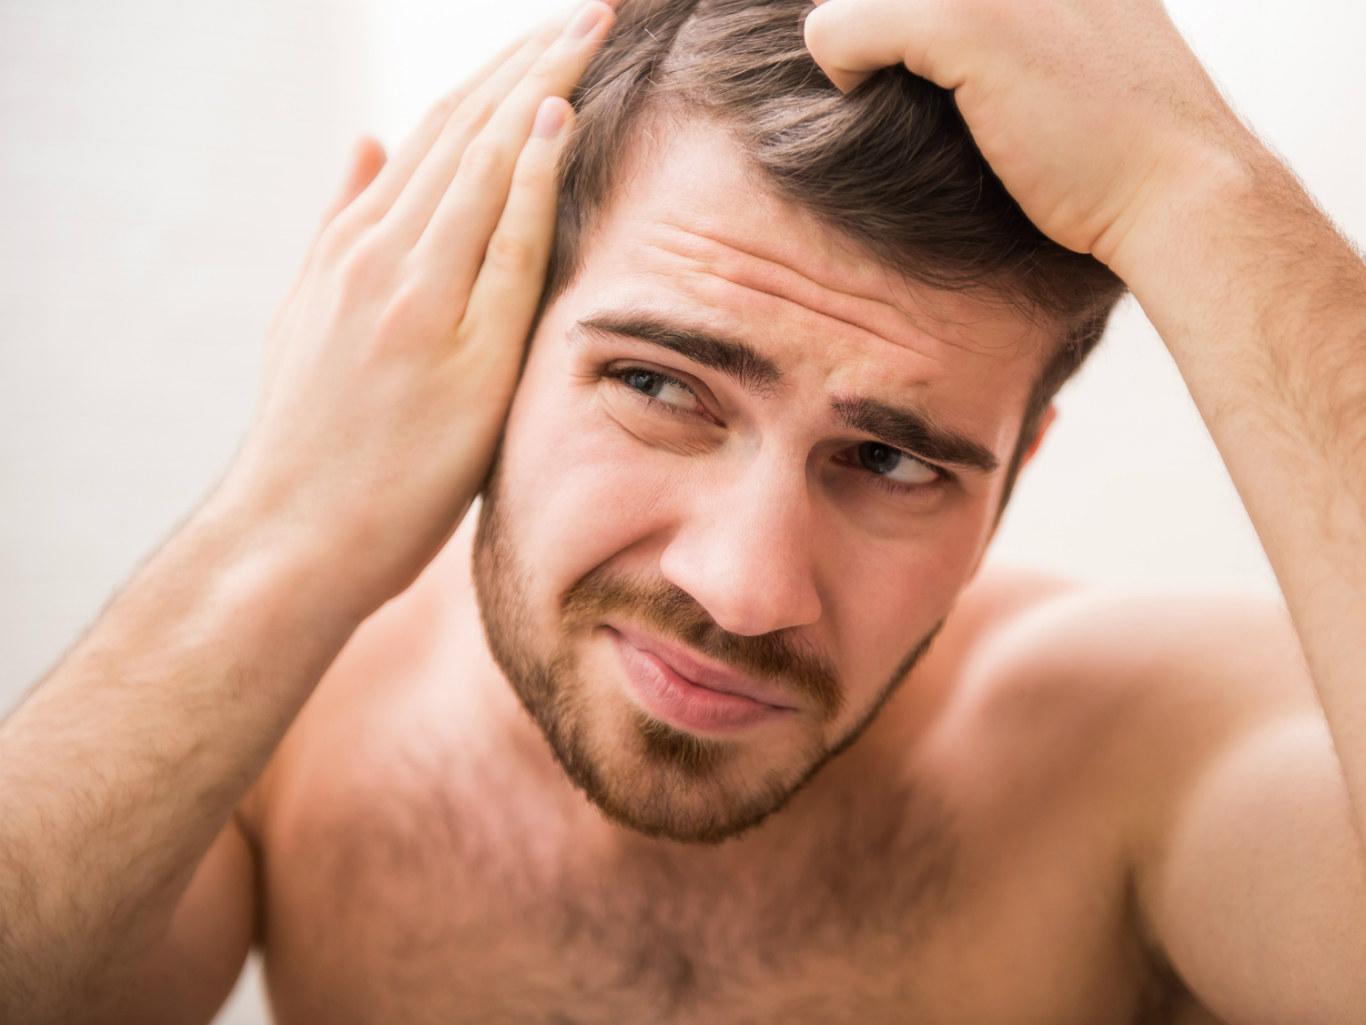 Выпадение волос в зависимости от возраста